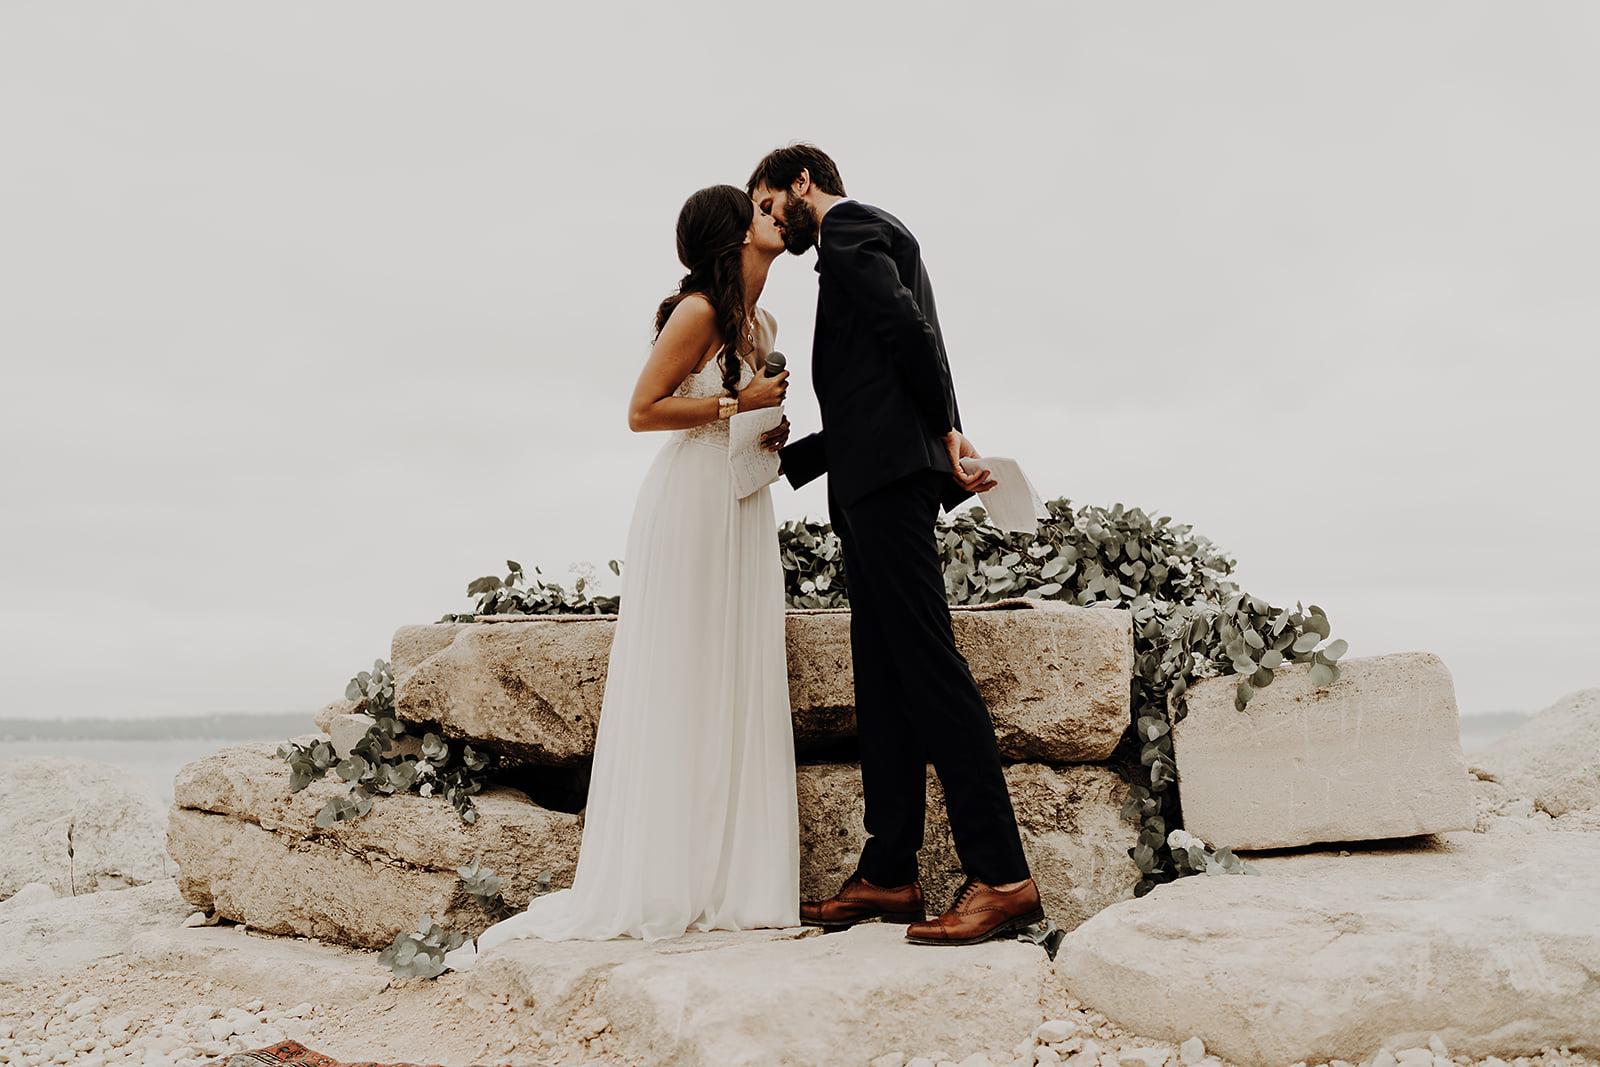 Mariage-arcachon-cap-ferret-bordeaux